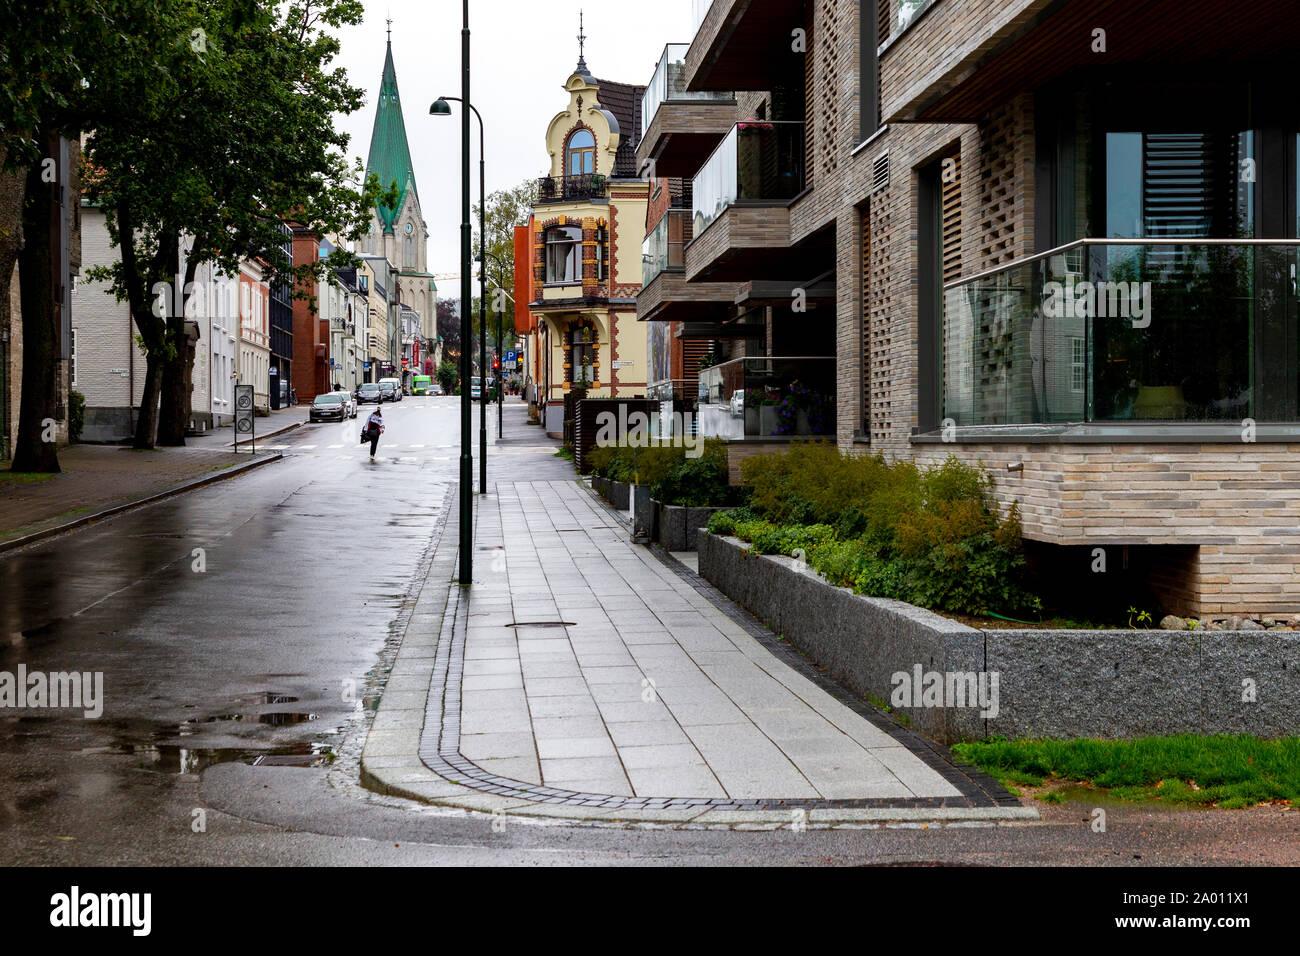 Calle con alojamiento en un día lluvioso en Kristiansands, Noruega. Foto de stock